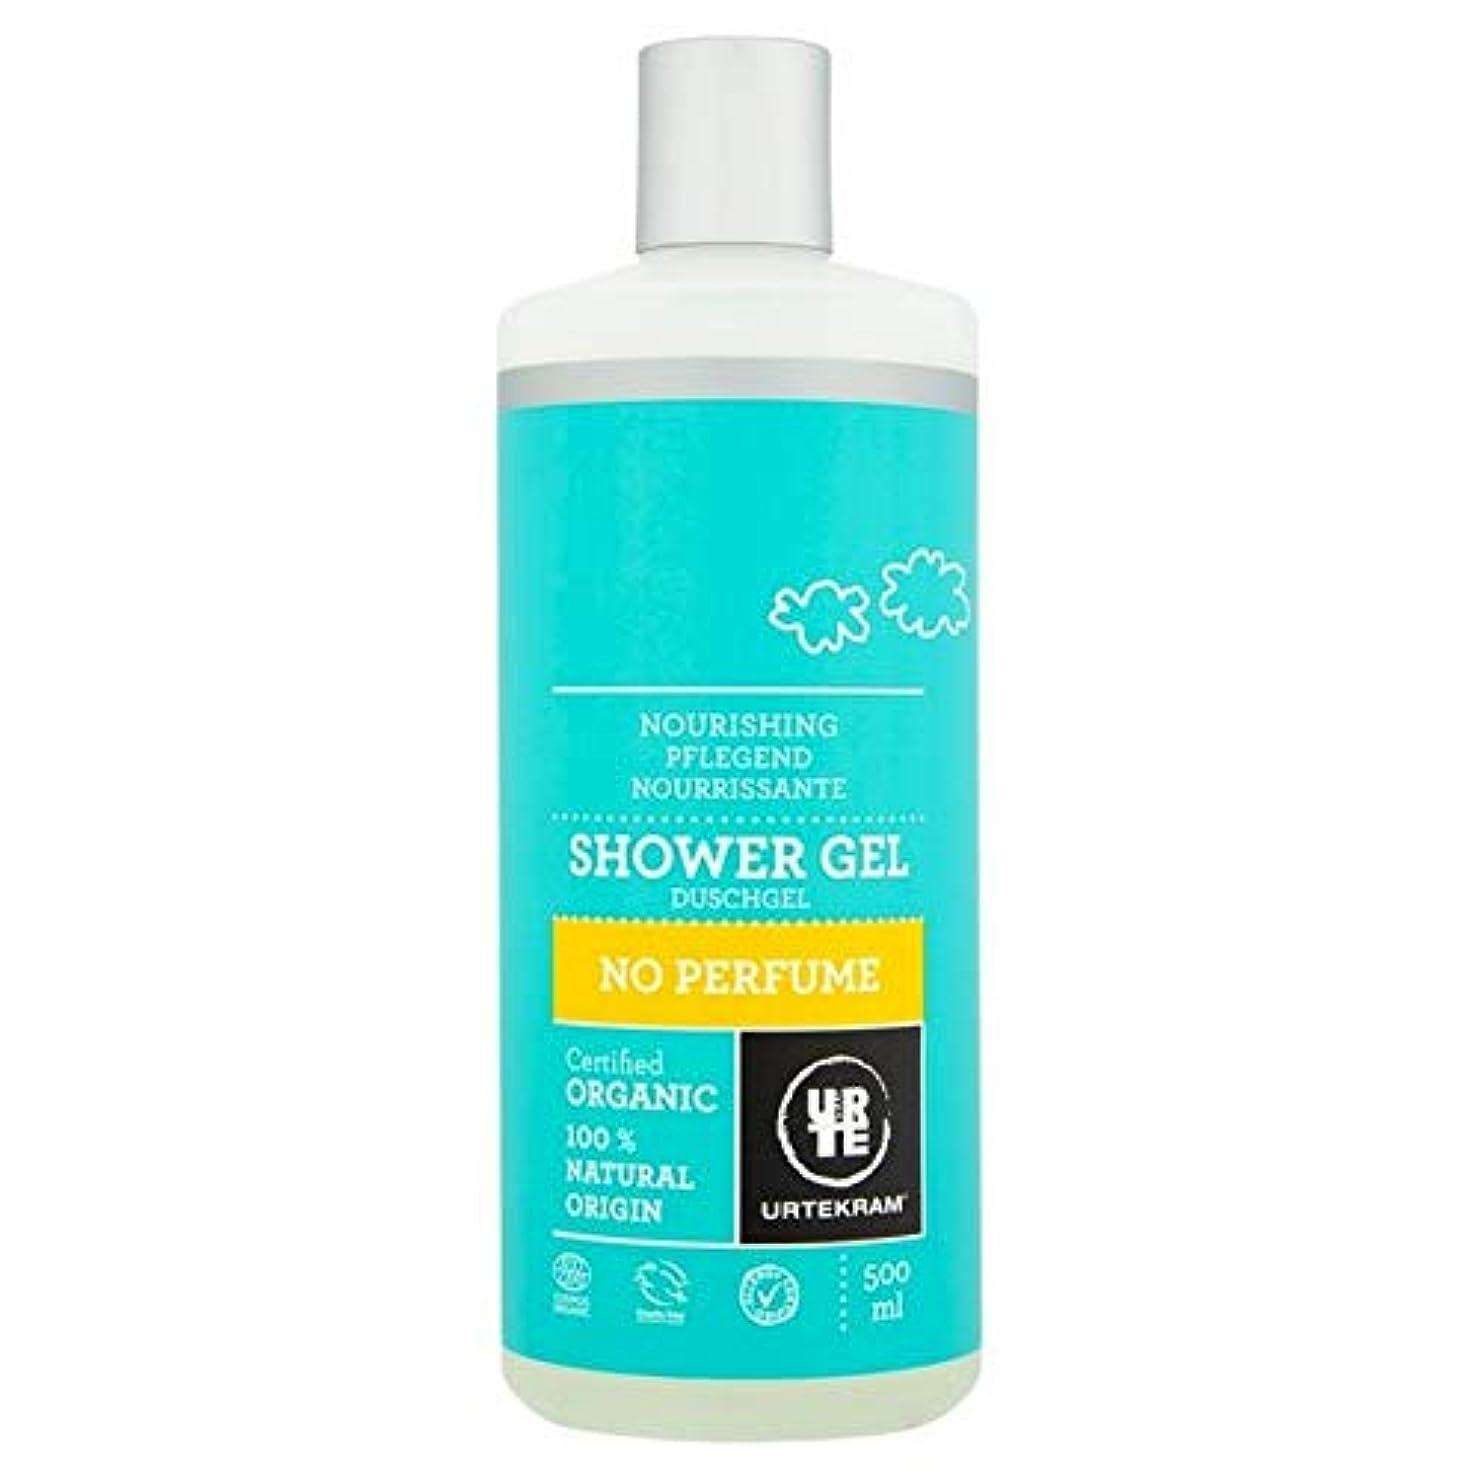 ポジティブ最大の有効化[Urtekram] 何の香水シャワージェル500ミリリットルをUrtekramありません - Urtekram No Perfume Shower Gel 500ml [並行輸入品]